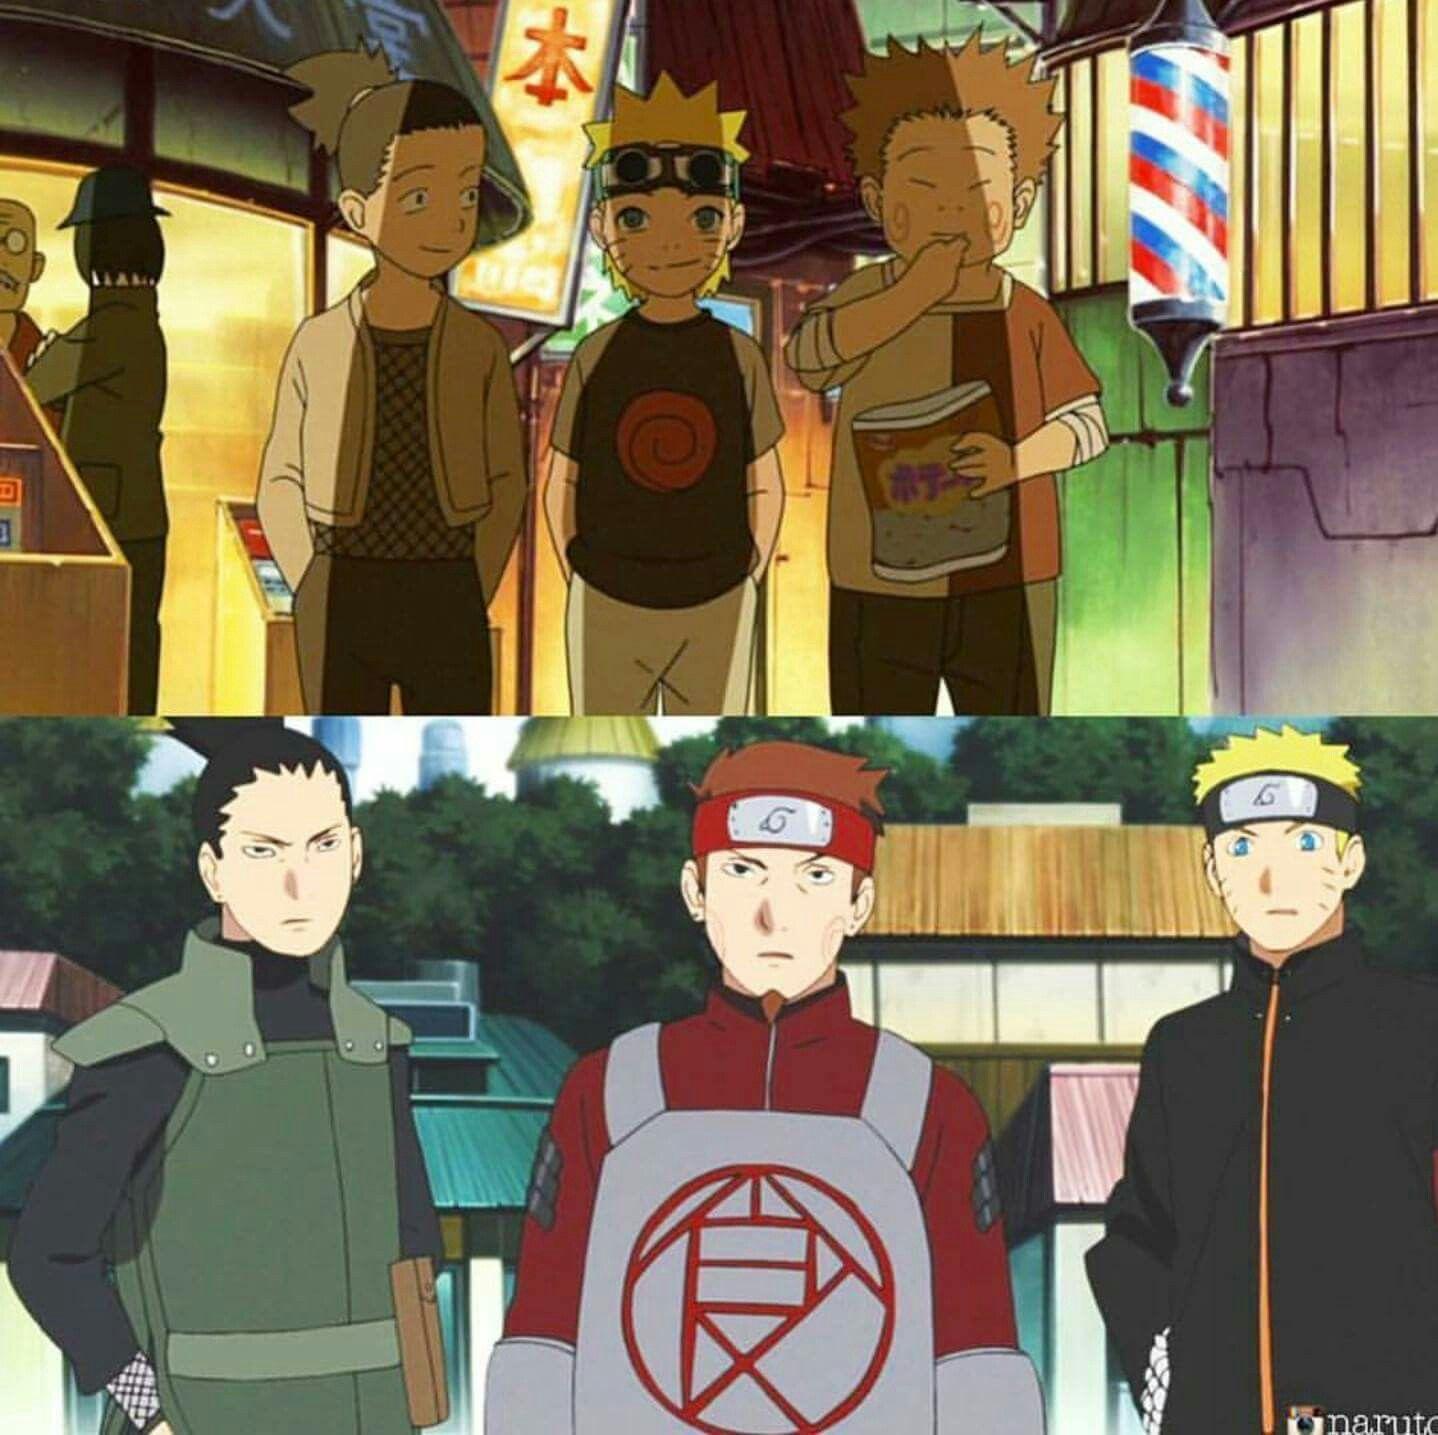 Shikamaru Choji Naruto Thats My Ninja Way Naruto Naruto